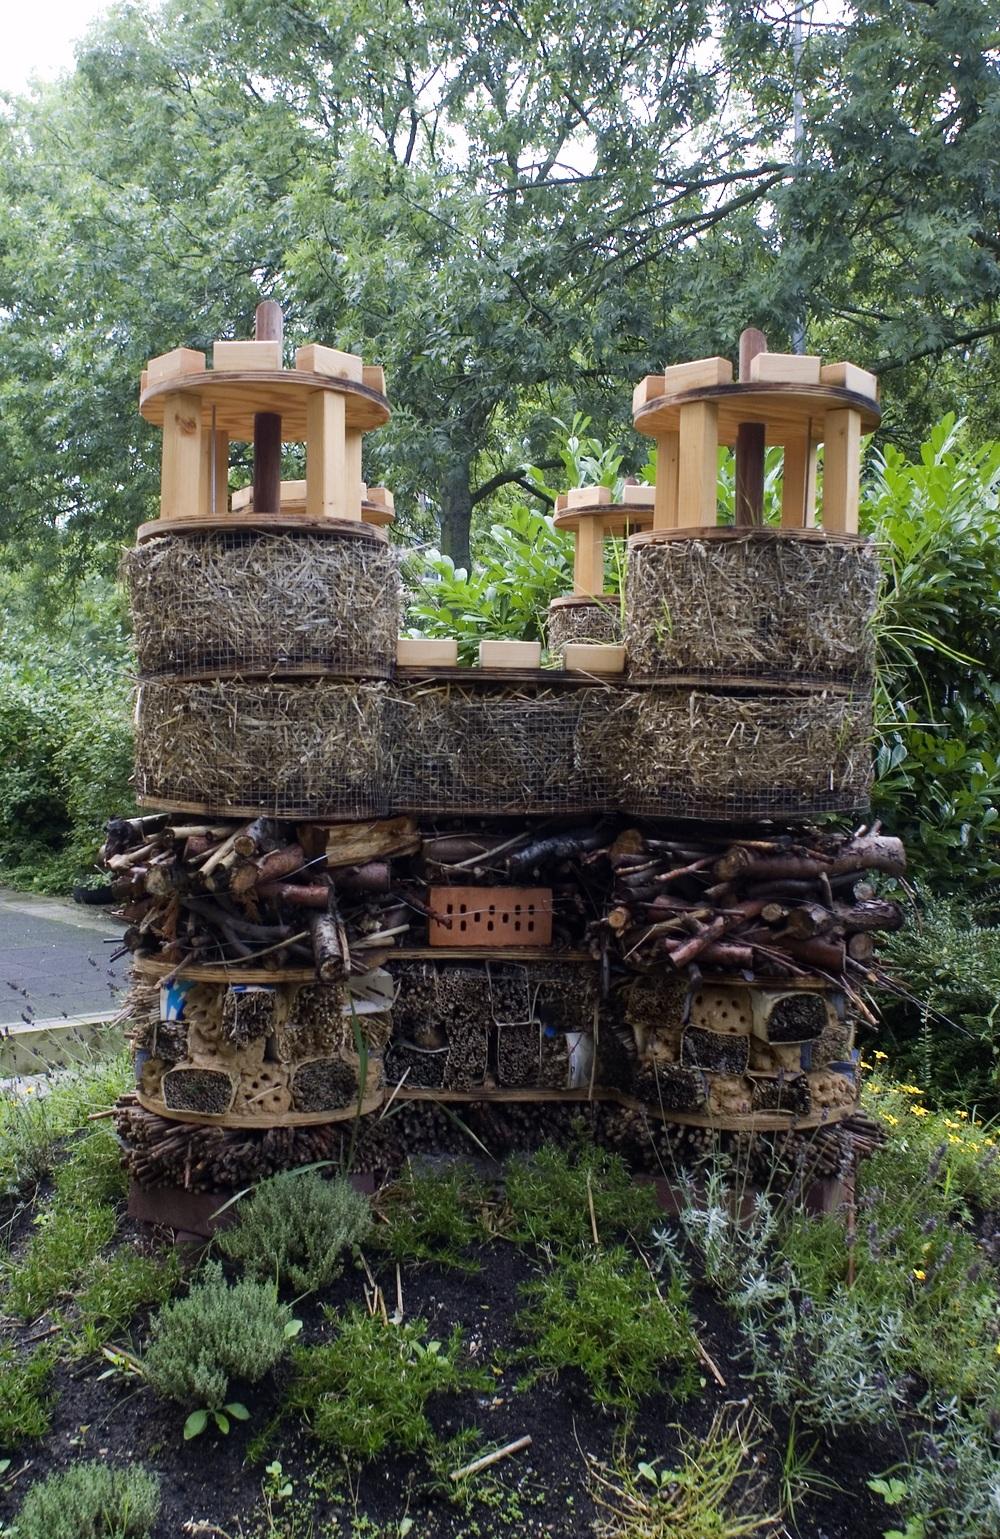 Bugingham Palace, Minibeast Castle is een droomhuis voor kleine dieren en bijen en zal langzaam veranderen van textuur omdat de dieren het kasteel gaan bewonen.